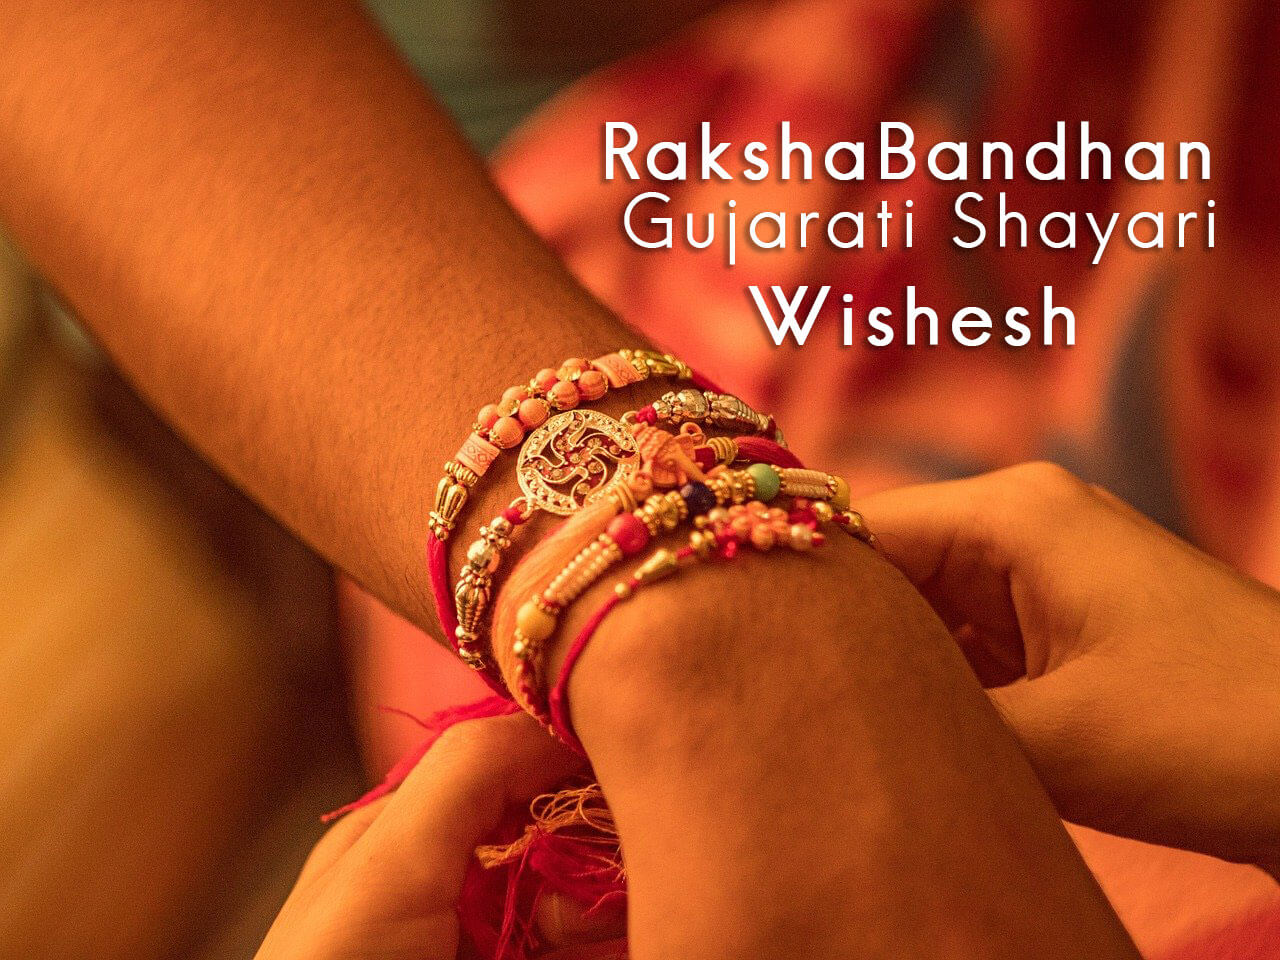 રક્ષાબંધન ગુજરાતી શાયરી - Raksha bandhan Gujarati Shayari